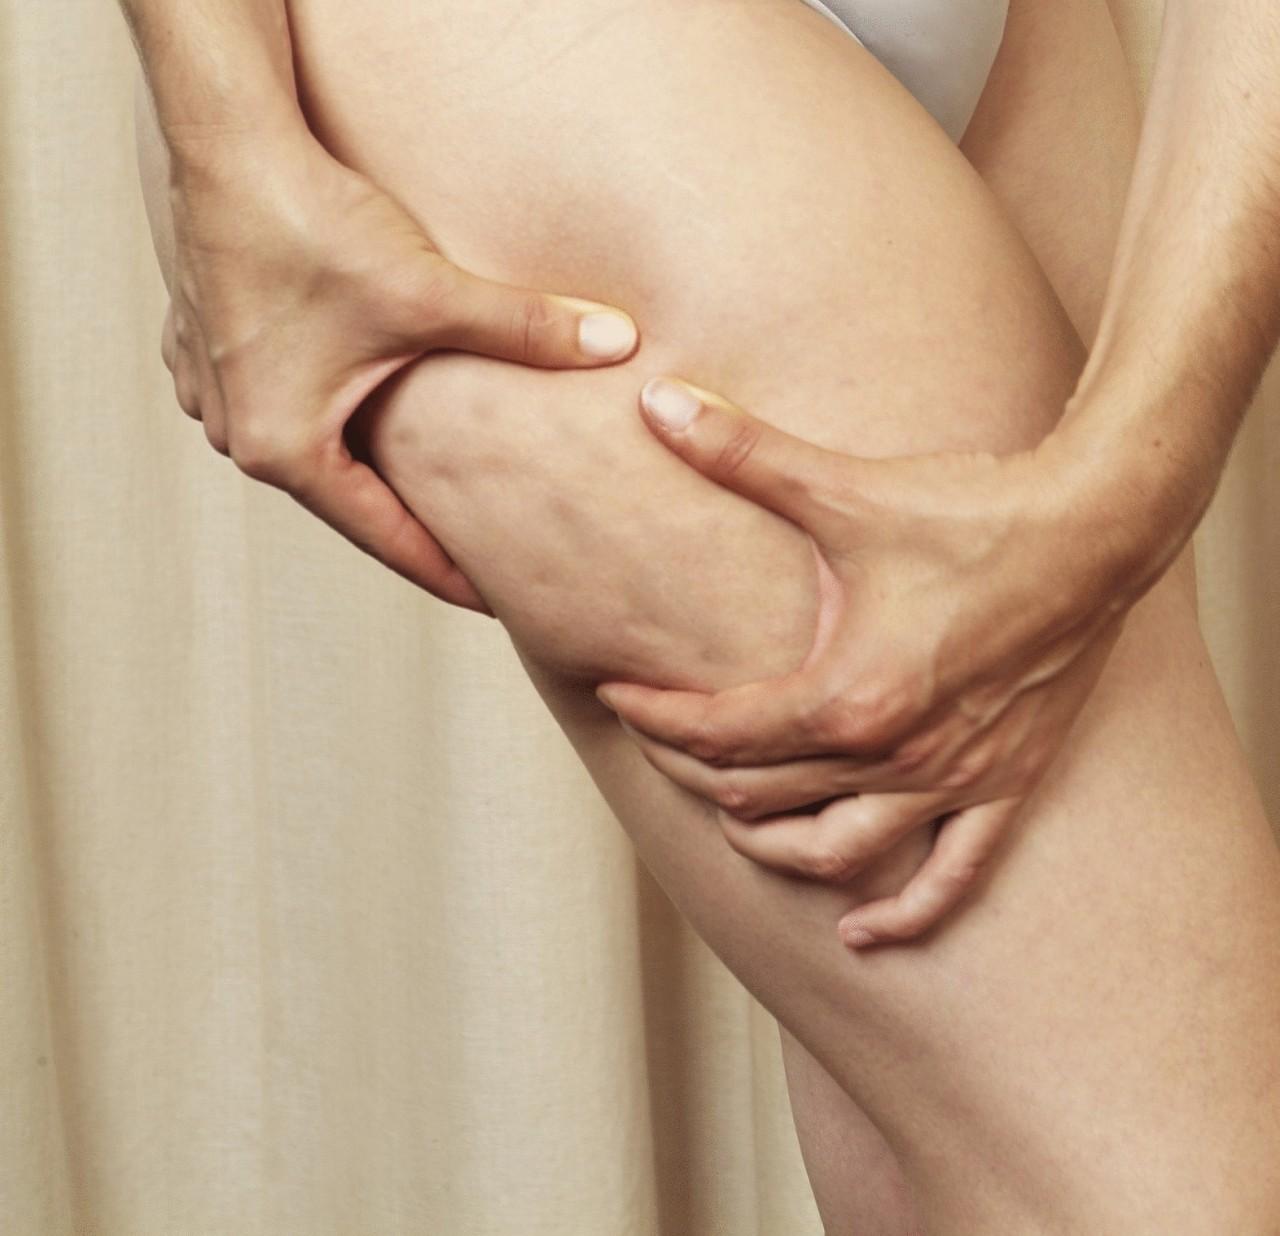 Как убрать целлюлит? Антицеллюлитное обертывание с уксусным тестом.